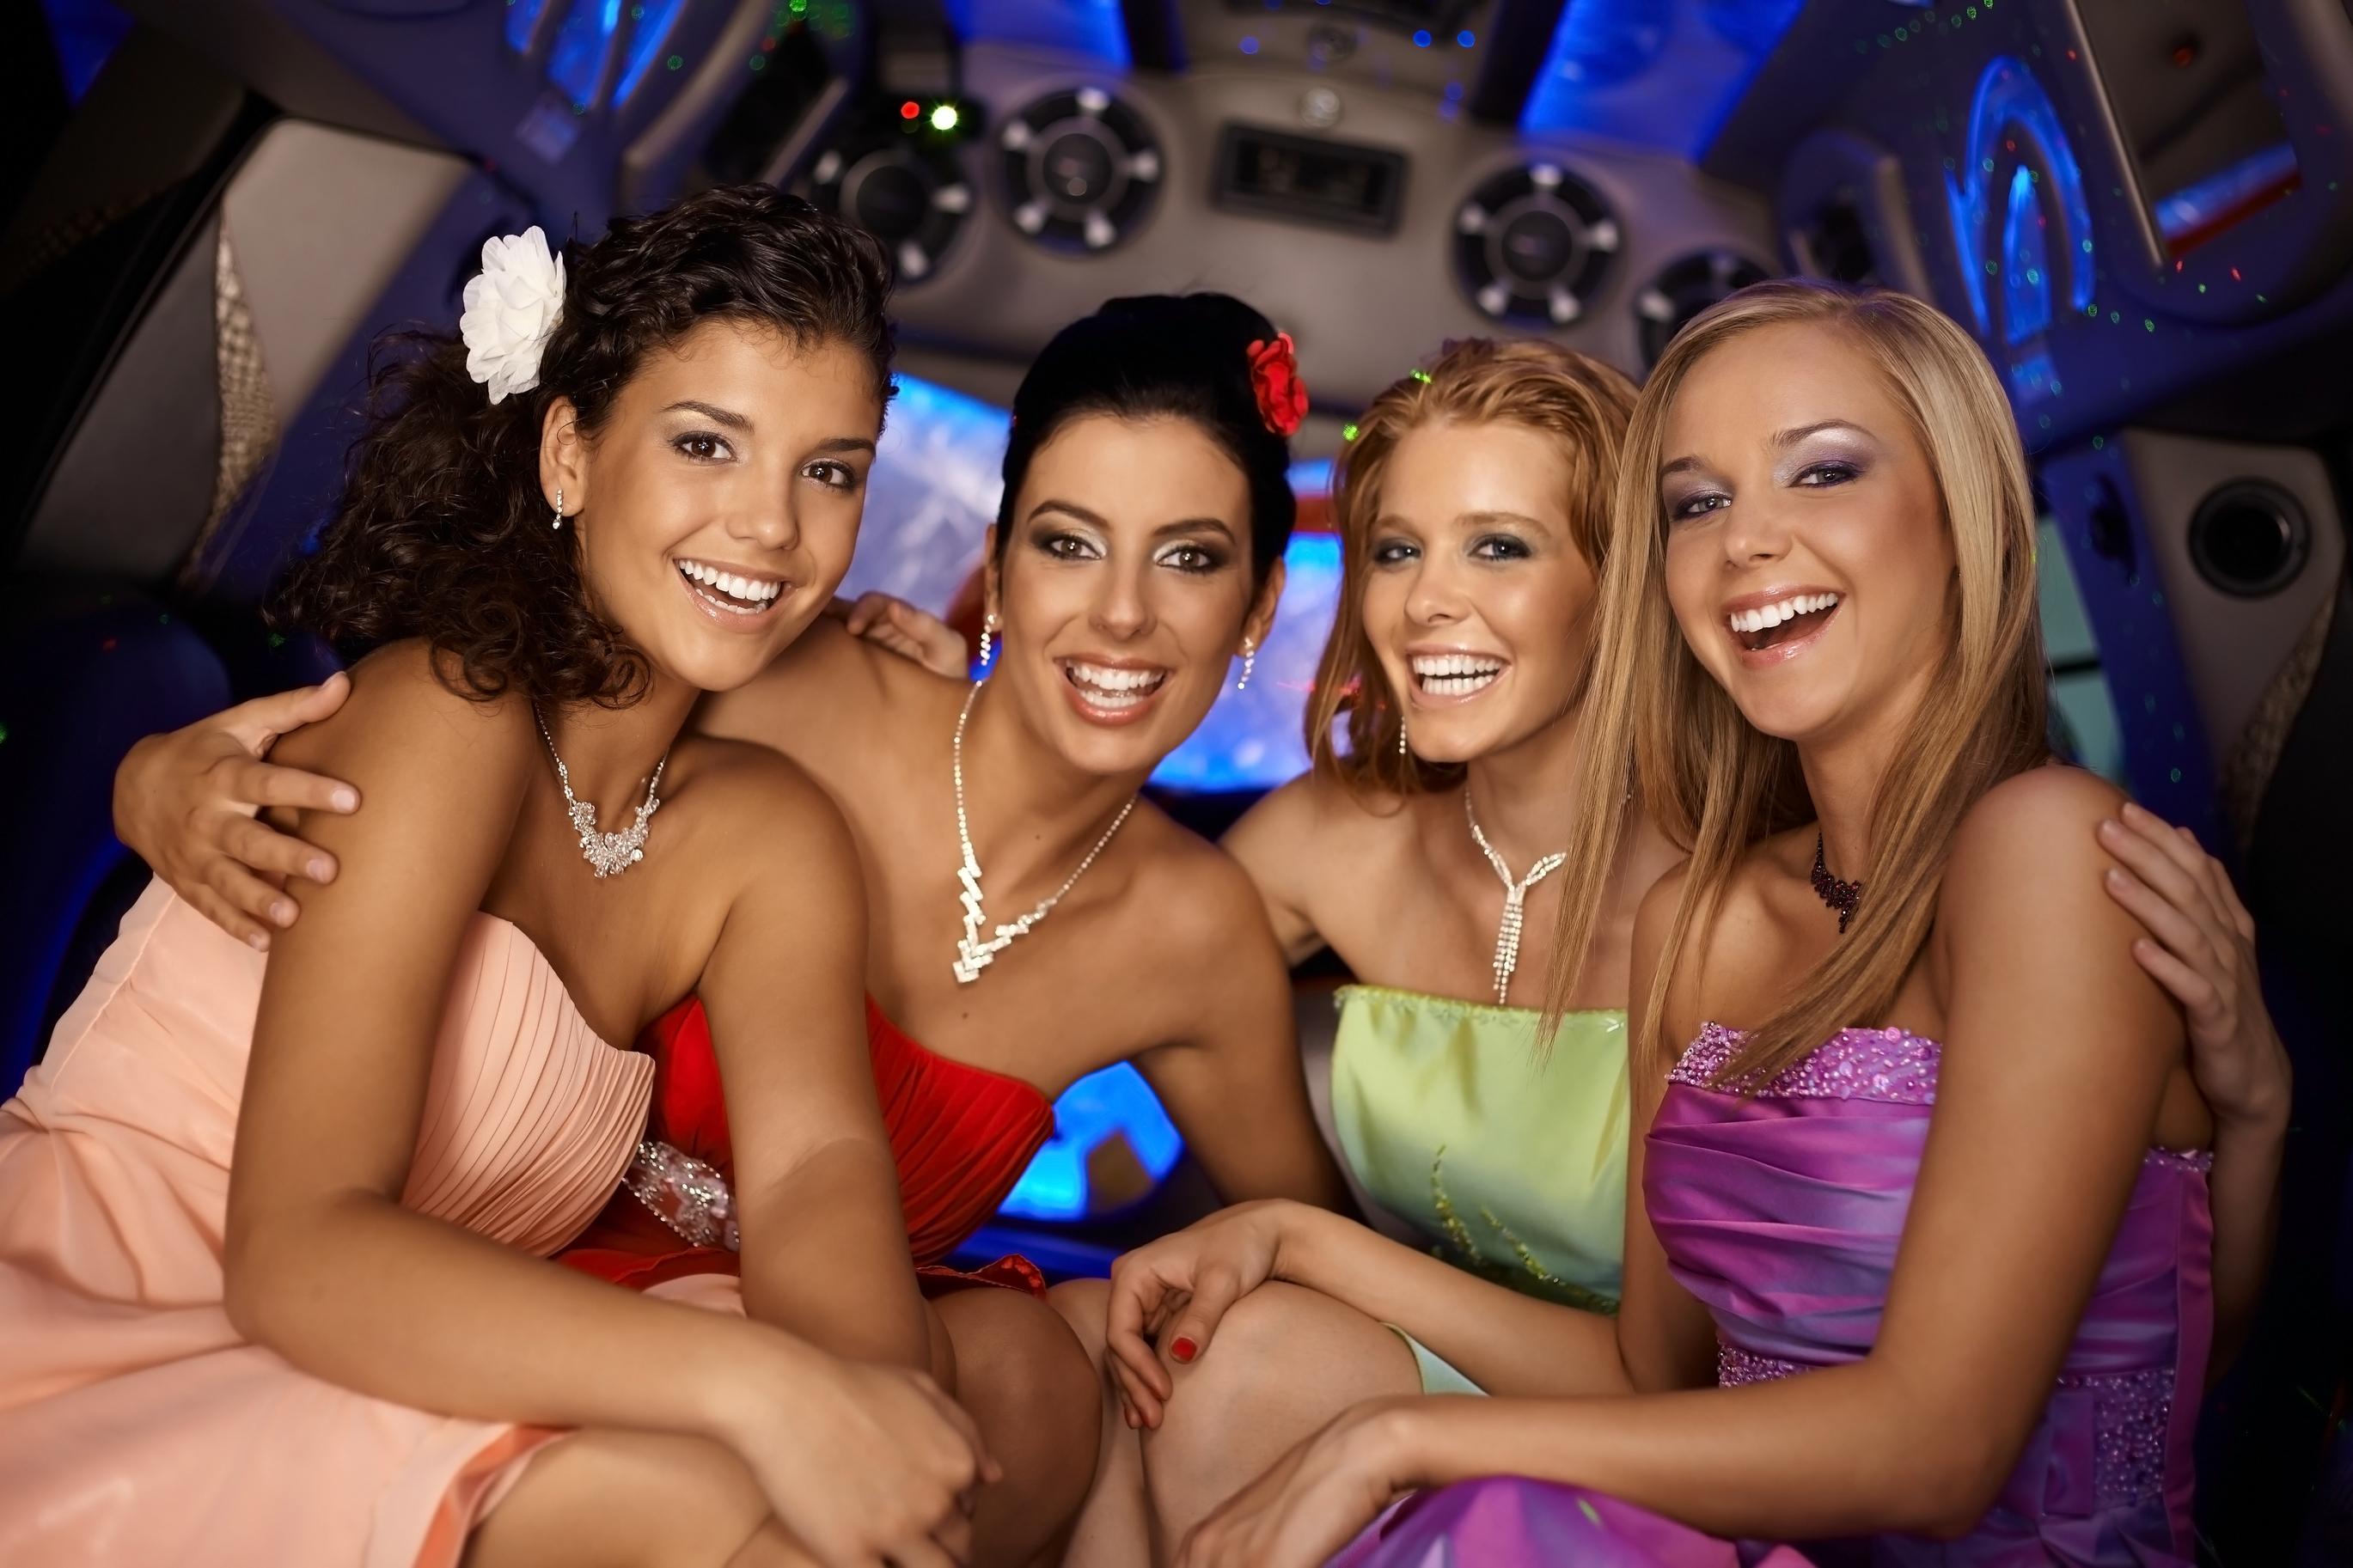 Телки вип клубах, Вечеринка в клубе - 61 видео. Смотреть вечеринка в клубе 9 фотография